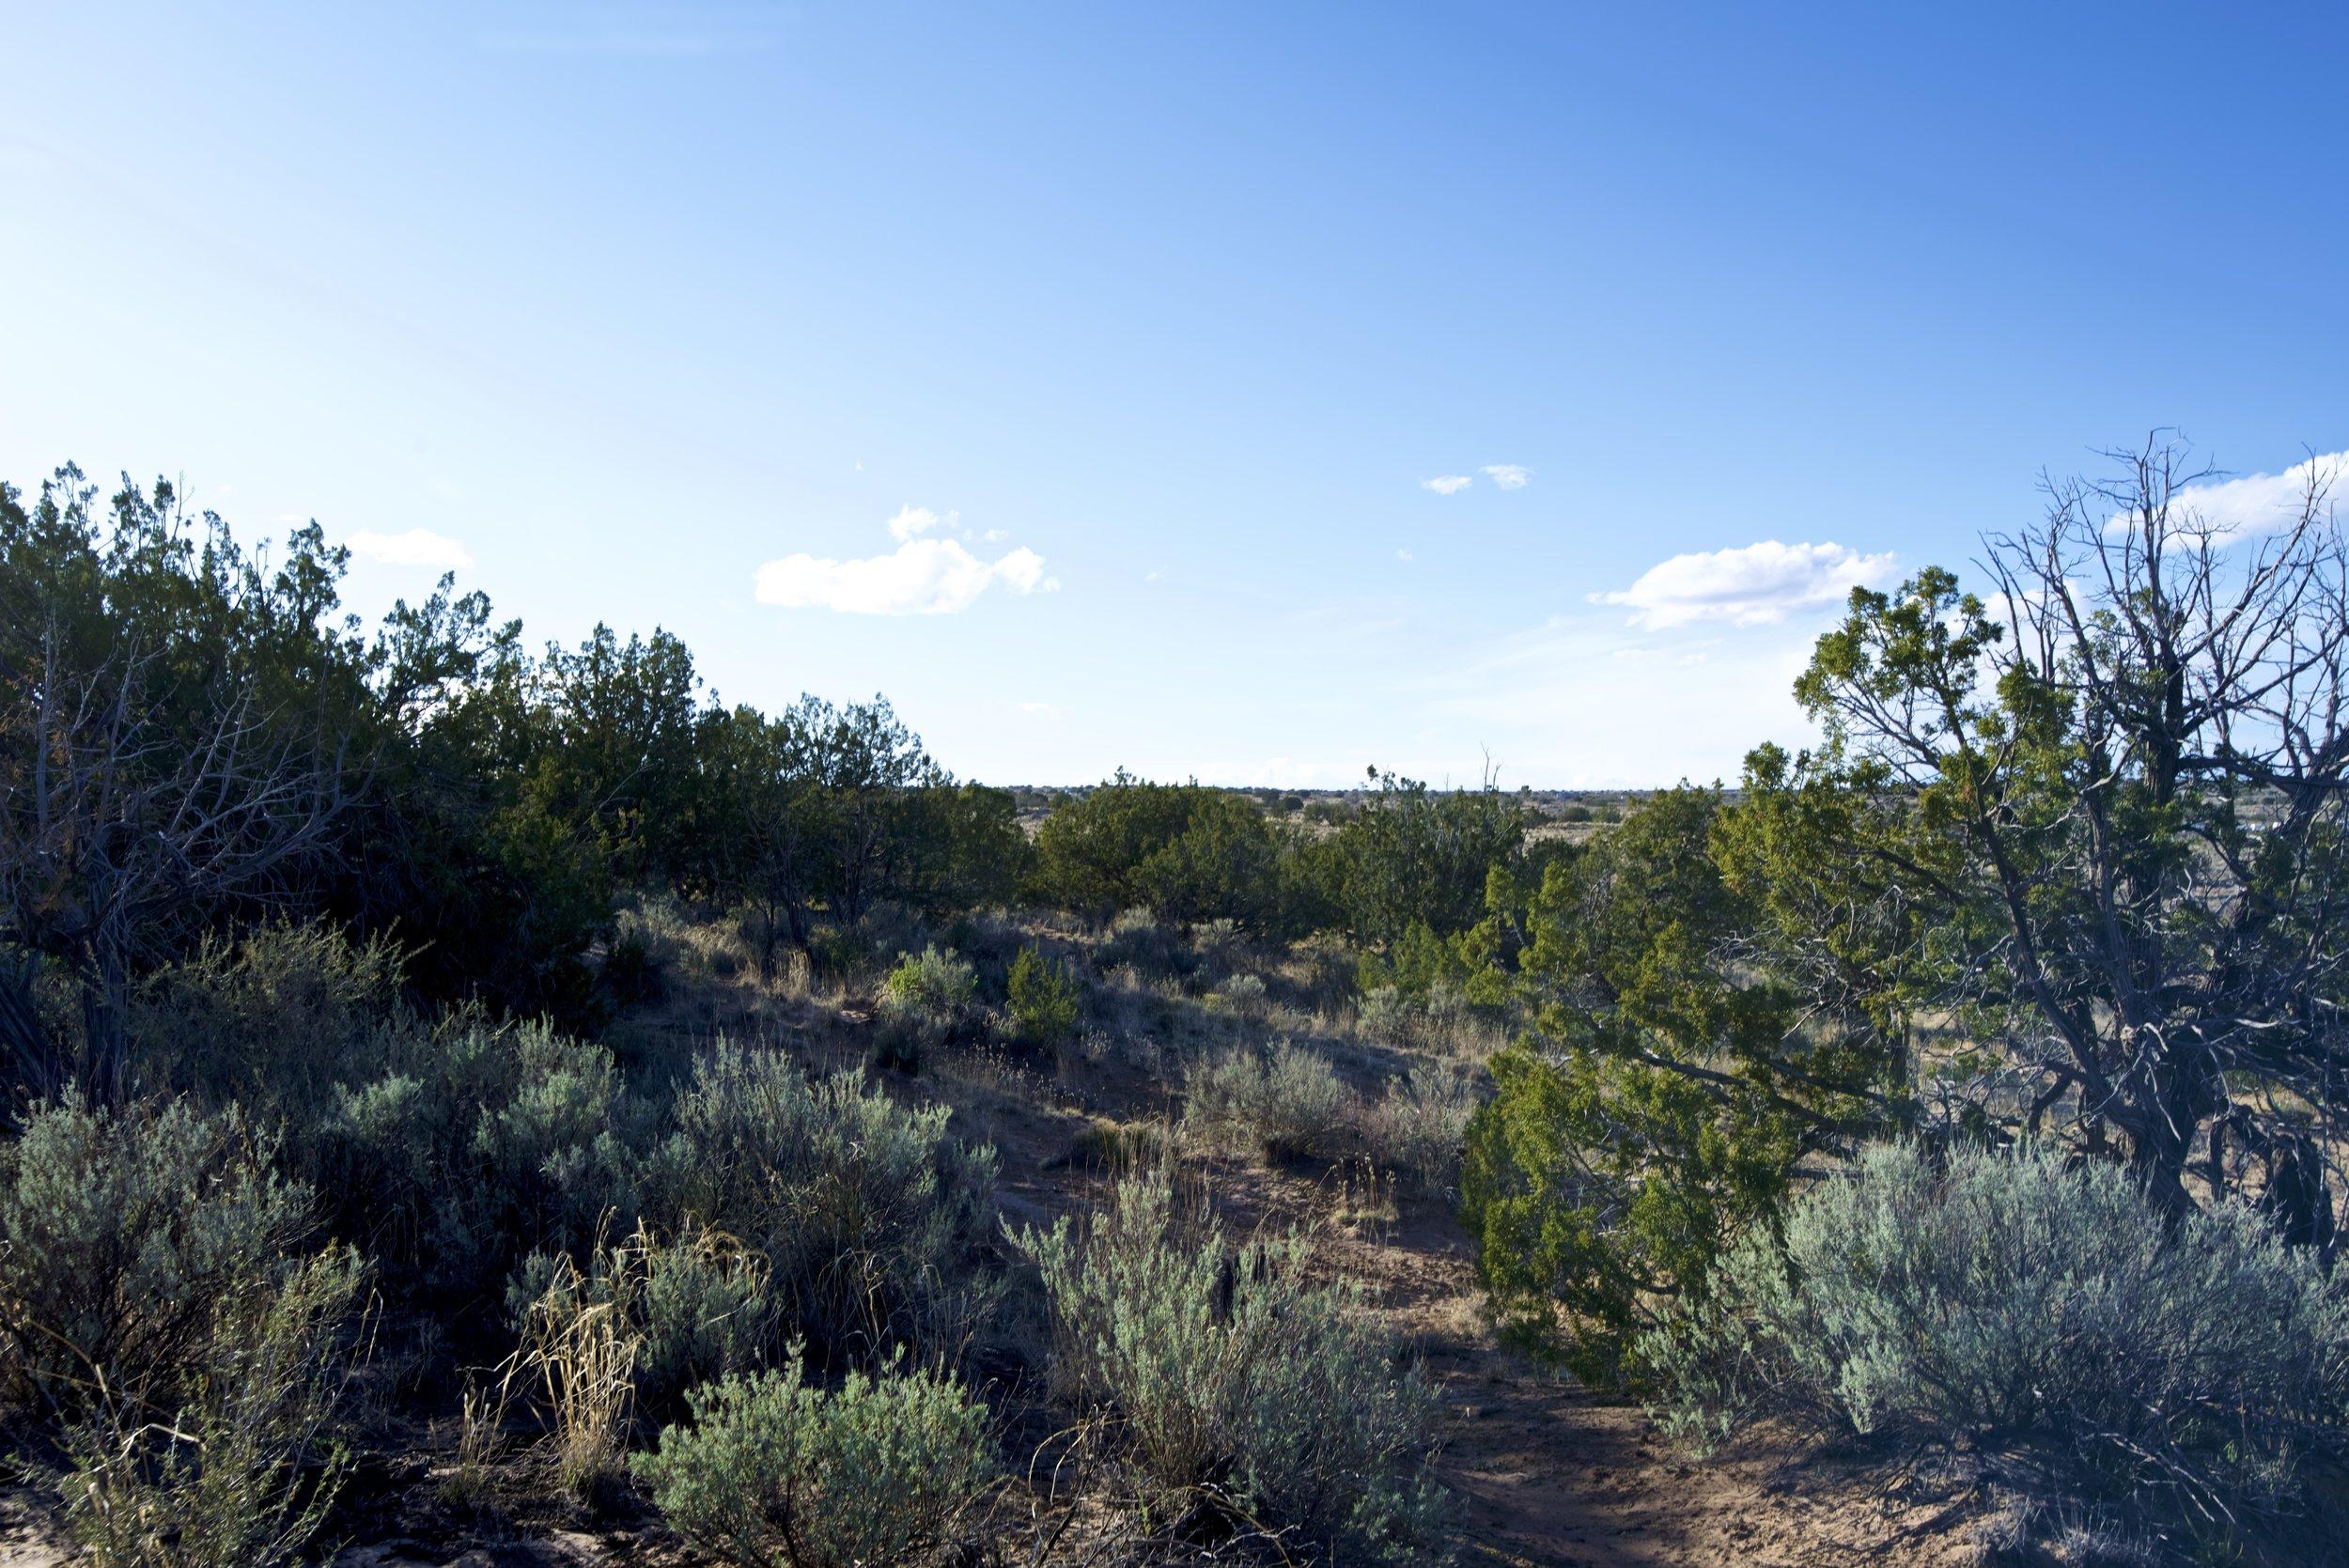 SNNM-2231-rio-rancho-125678.jpg